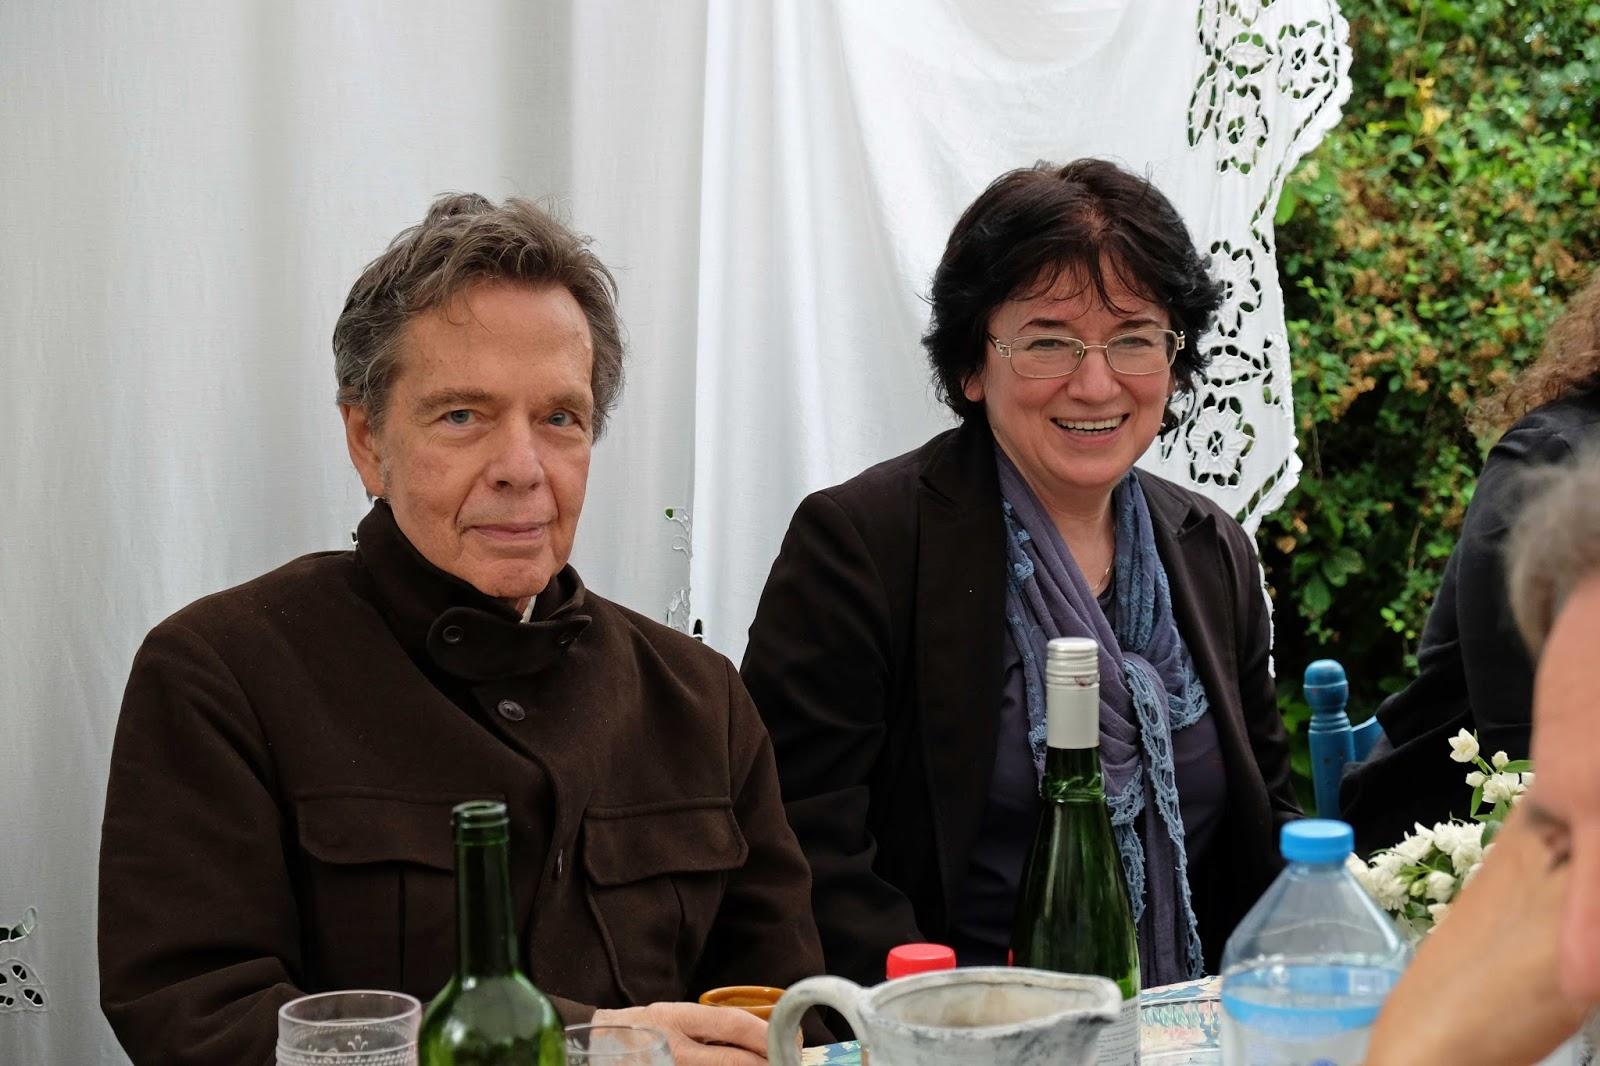 Blog des mardis hongrois de paris pique nique des mardis hongrois de paris l - Necessaire pique nique ...